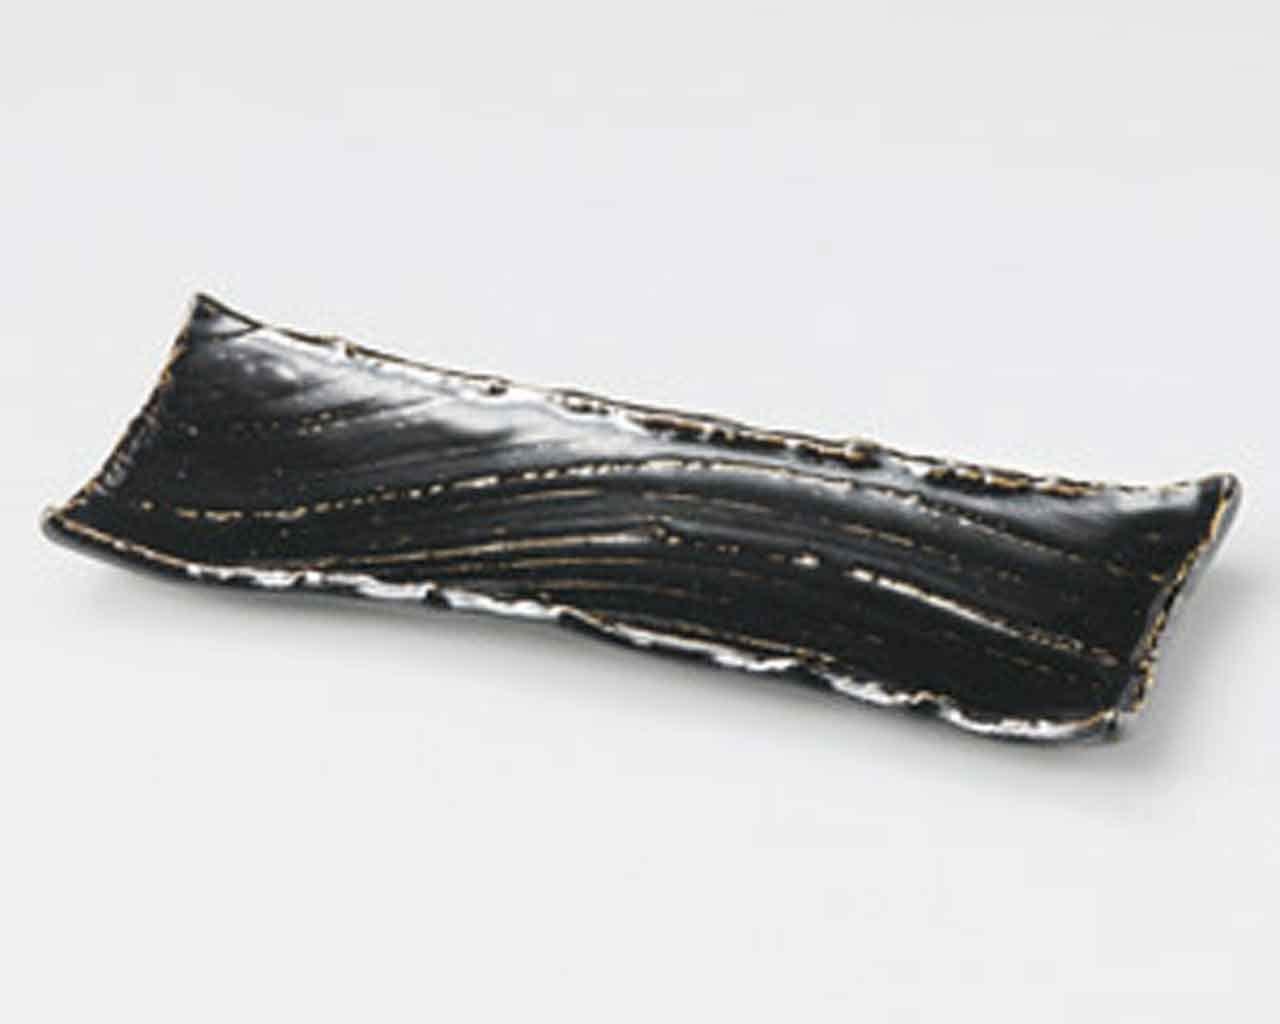 Tenmoku Karesansui 12.2inch Set of 5 Long Plates Black porcelain Made in Japan